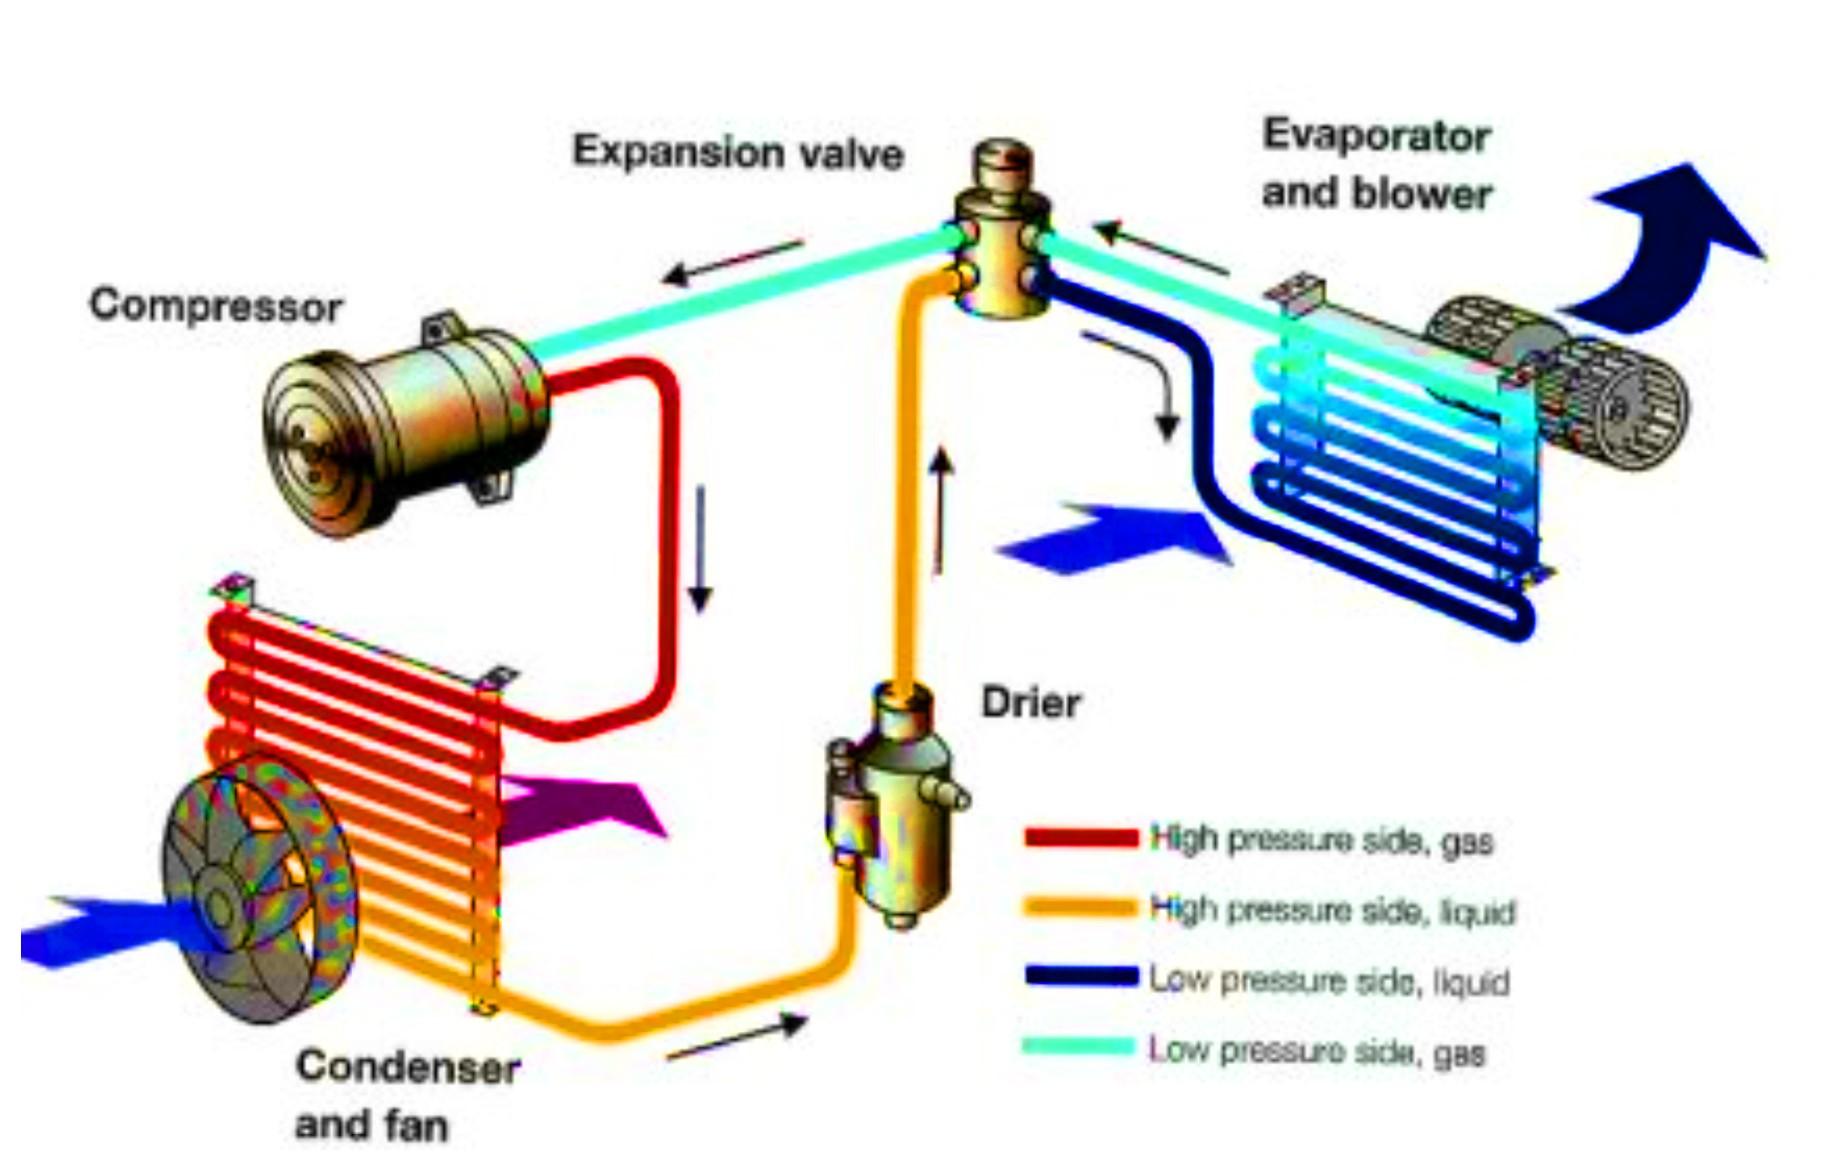 Car ac system diagram car car a c pressor wiring diagram auto air car ac system diagram car car a c pressor wiring diagram auto air conditioning of car ac asfbconference2016 Gallery